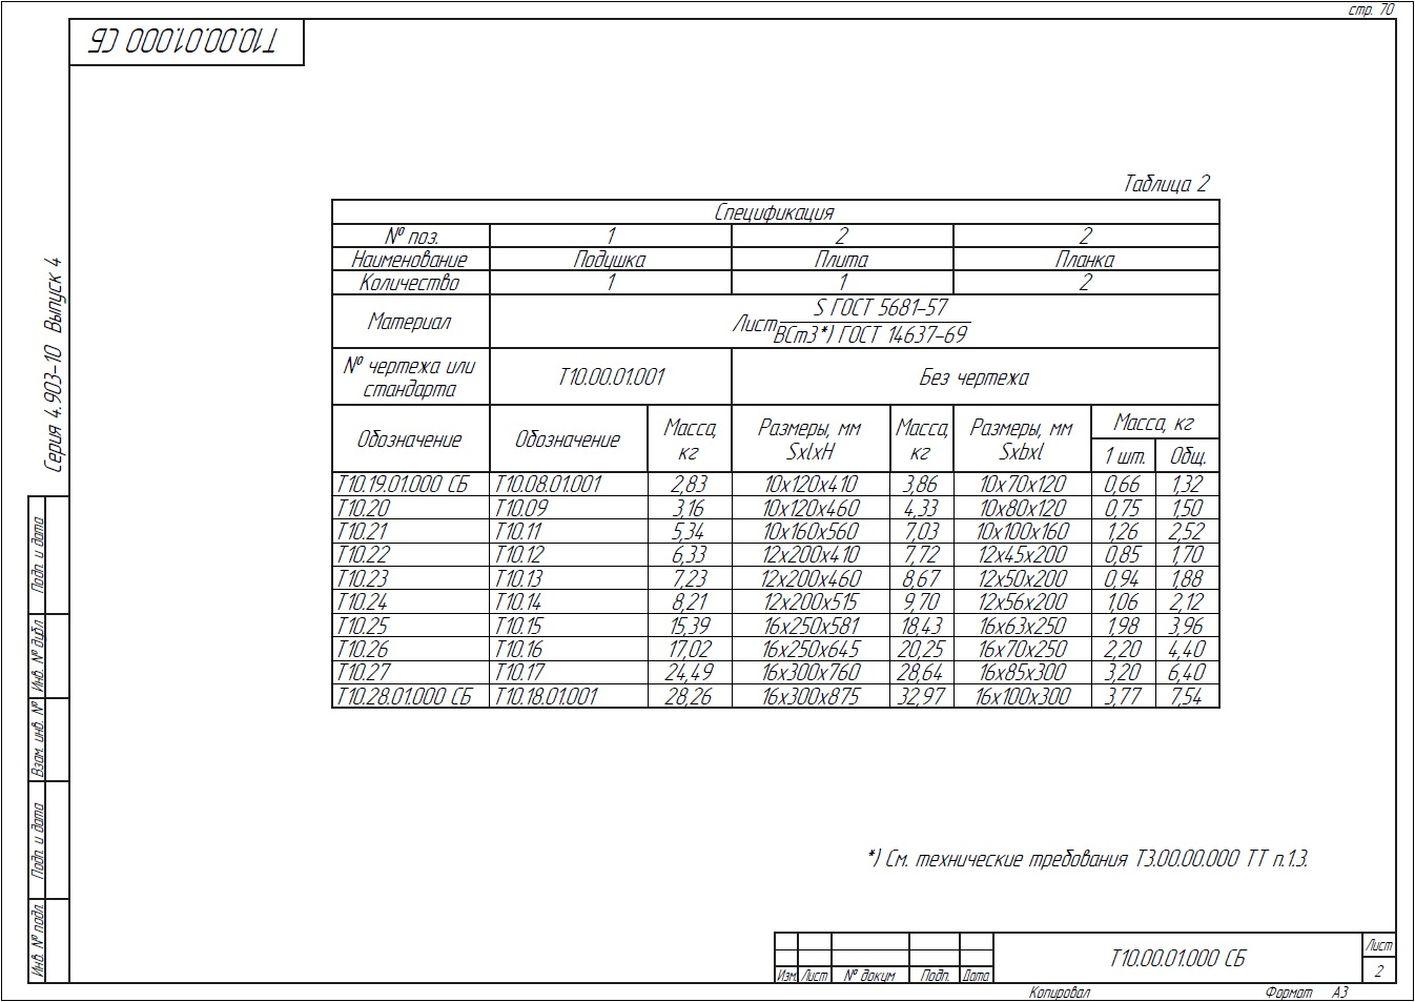 Опора неподвижная боковая Т10 серия 4.903-10 вып.4 стр.8